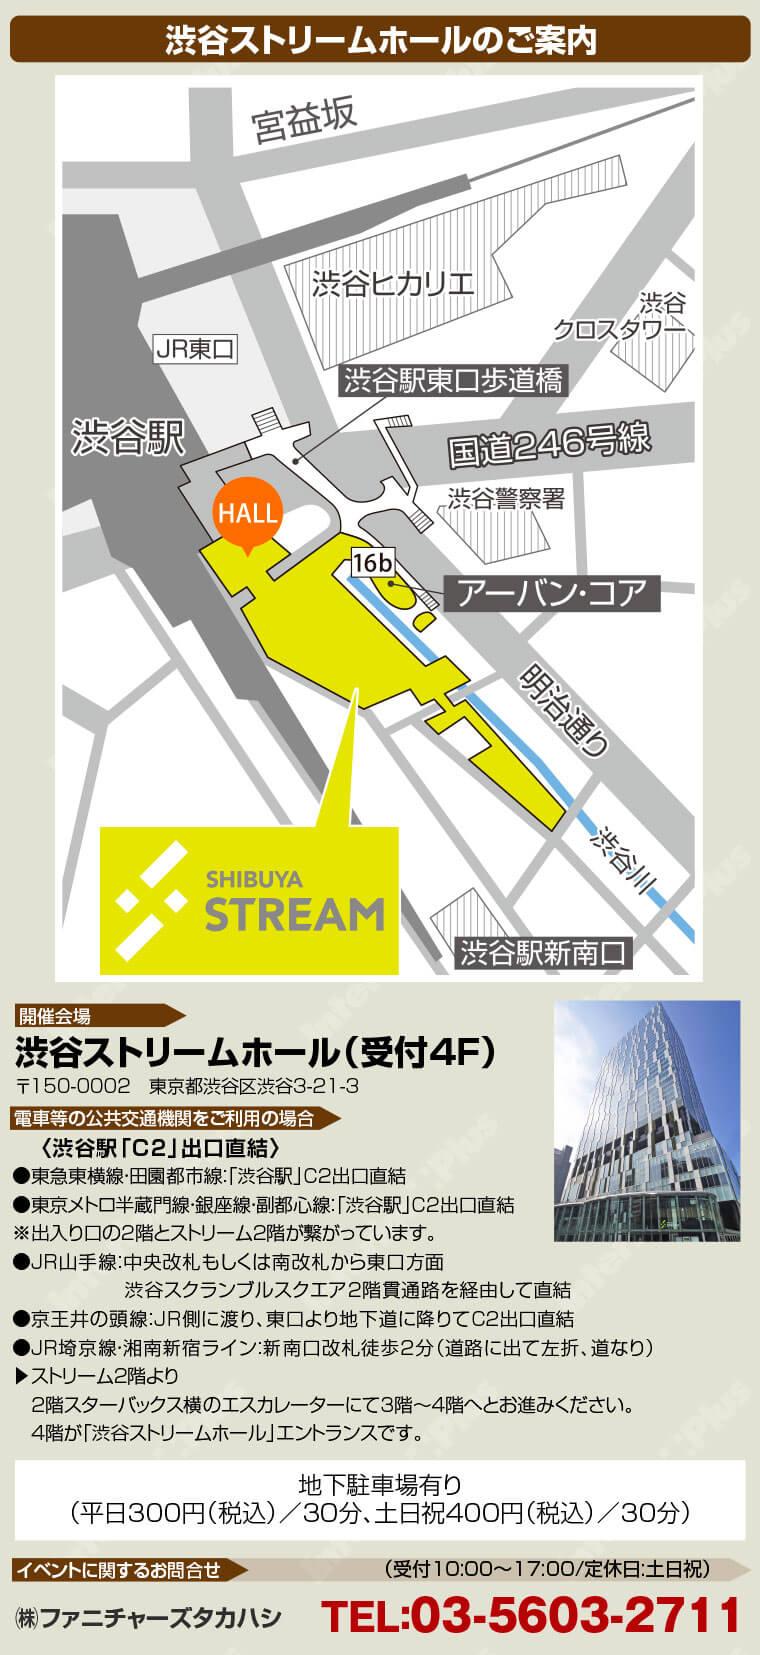 渋谷ストリームホール